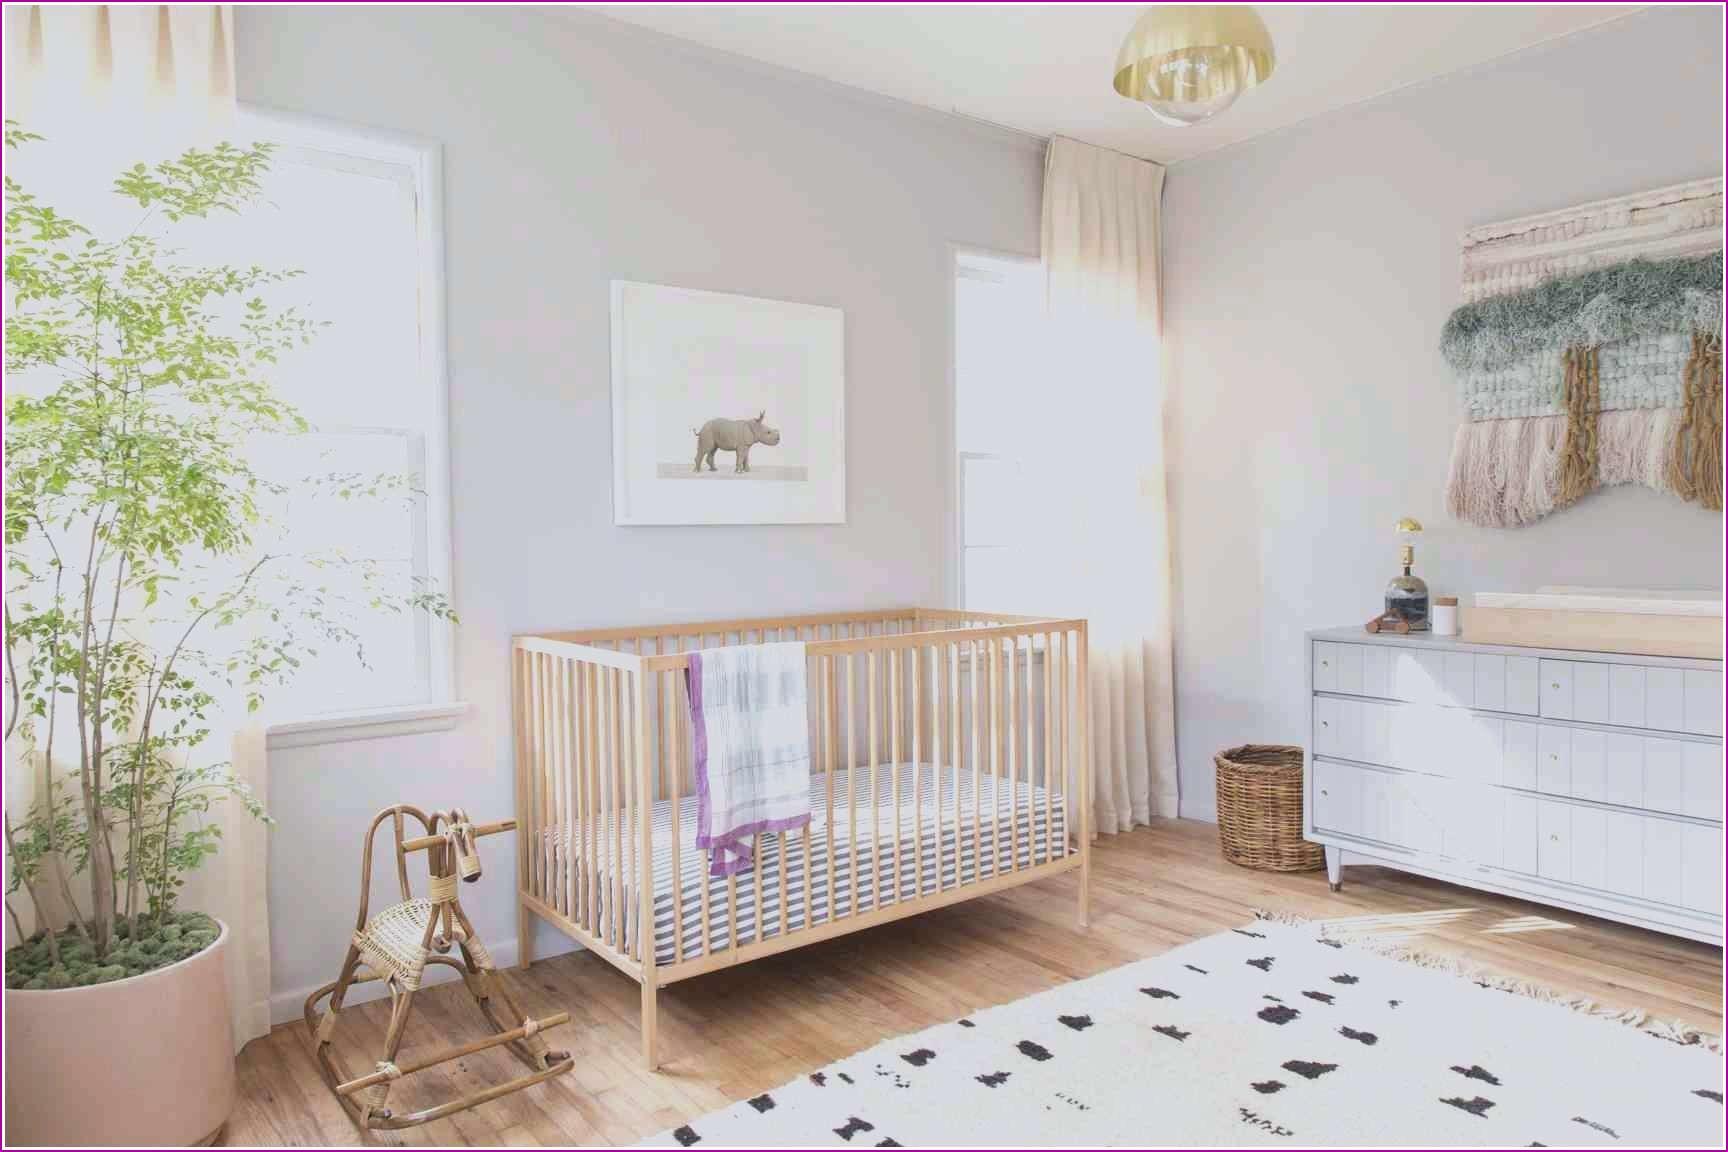 Chambre bébé : Pourquoi opter pour les produits nougatine ?